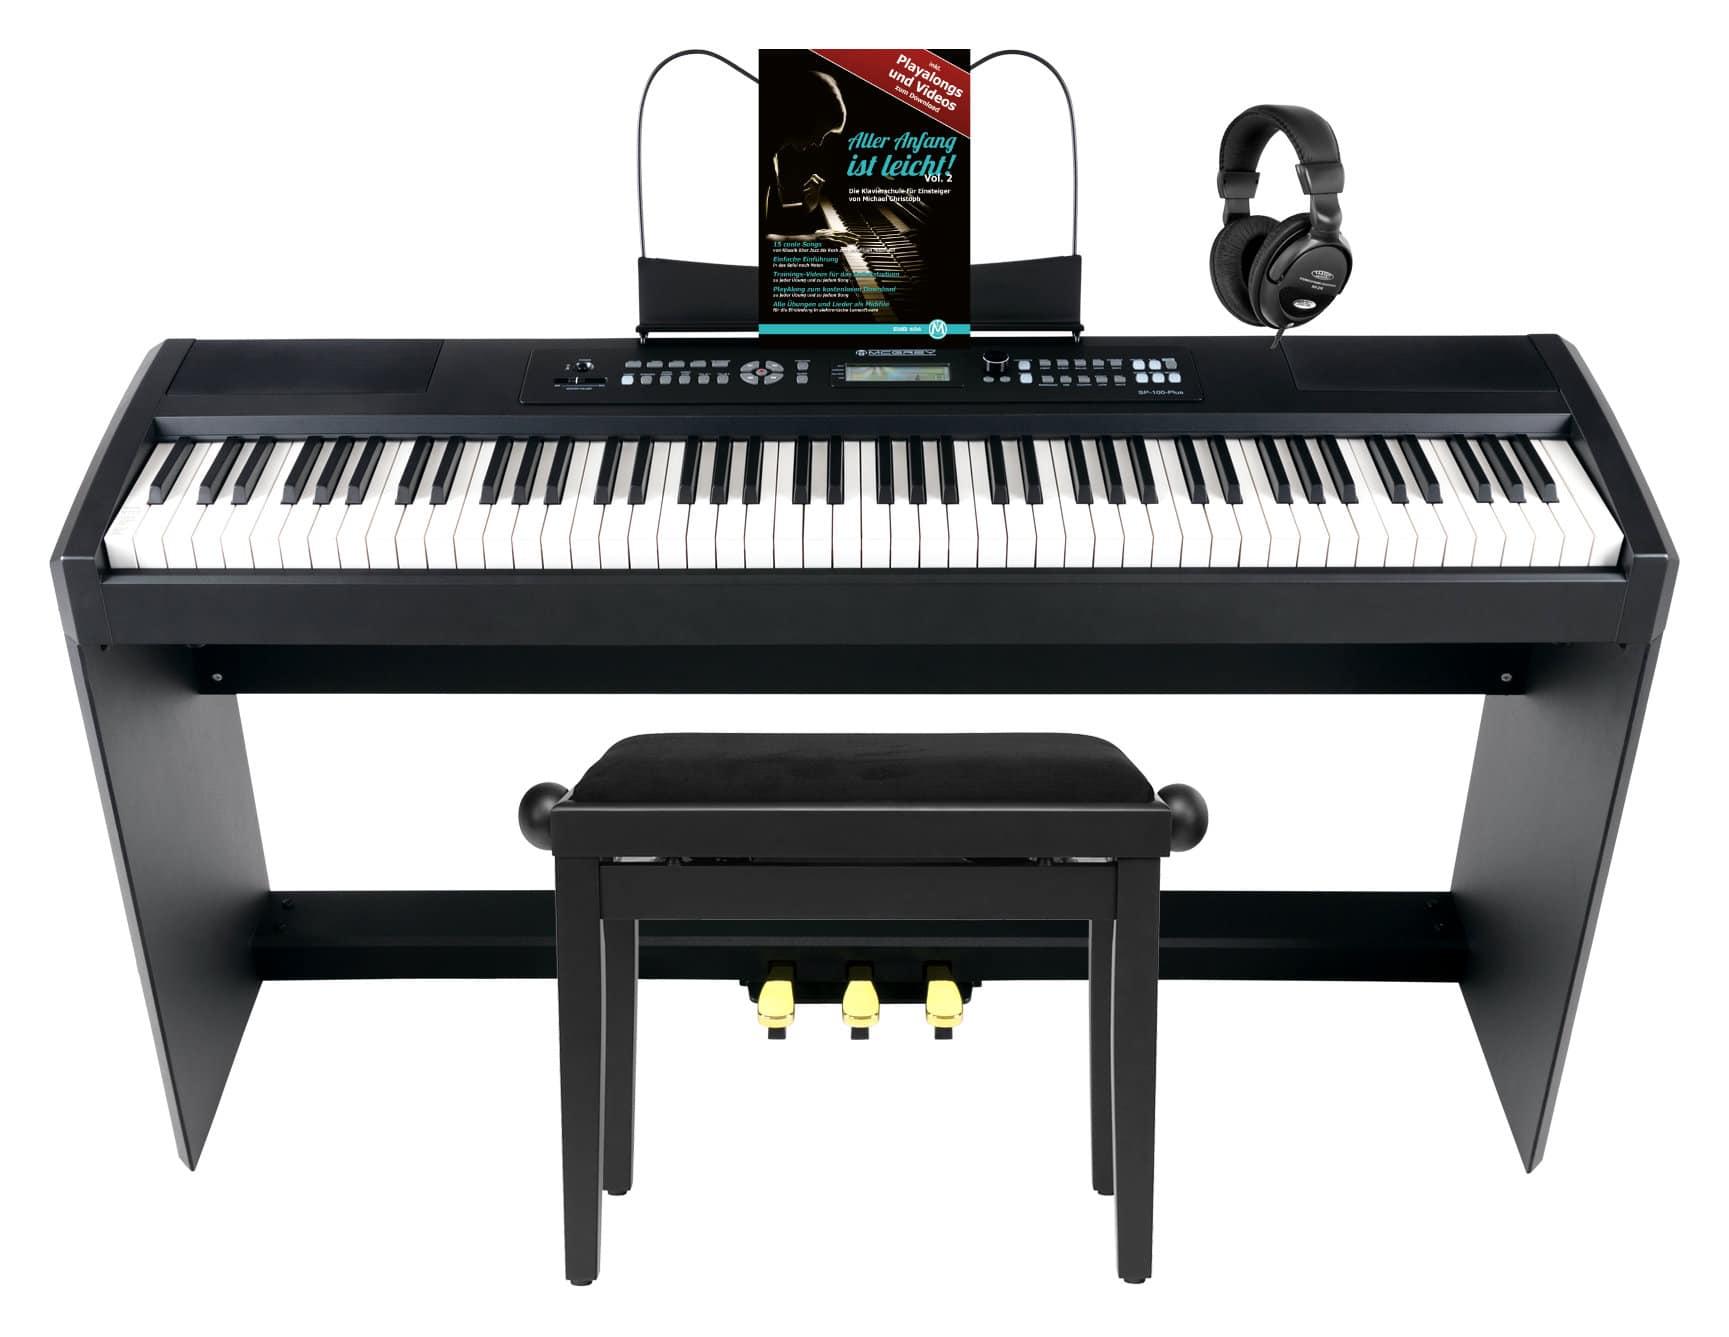 Stagepianos - McGrey SP 100 Plus Stagepiano Home Set - Onlineshop Musikhaus Kirstein